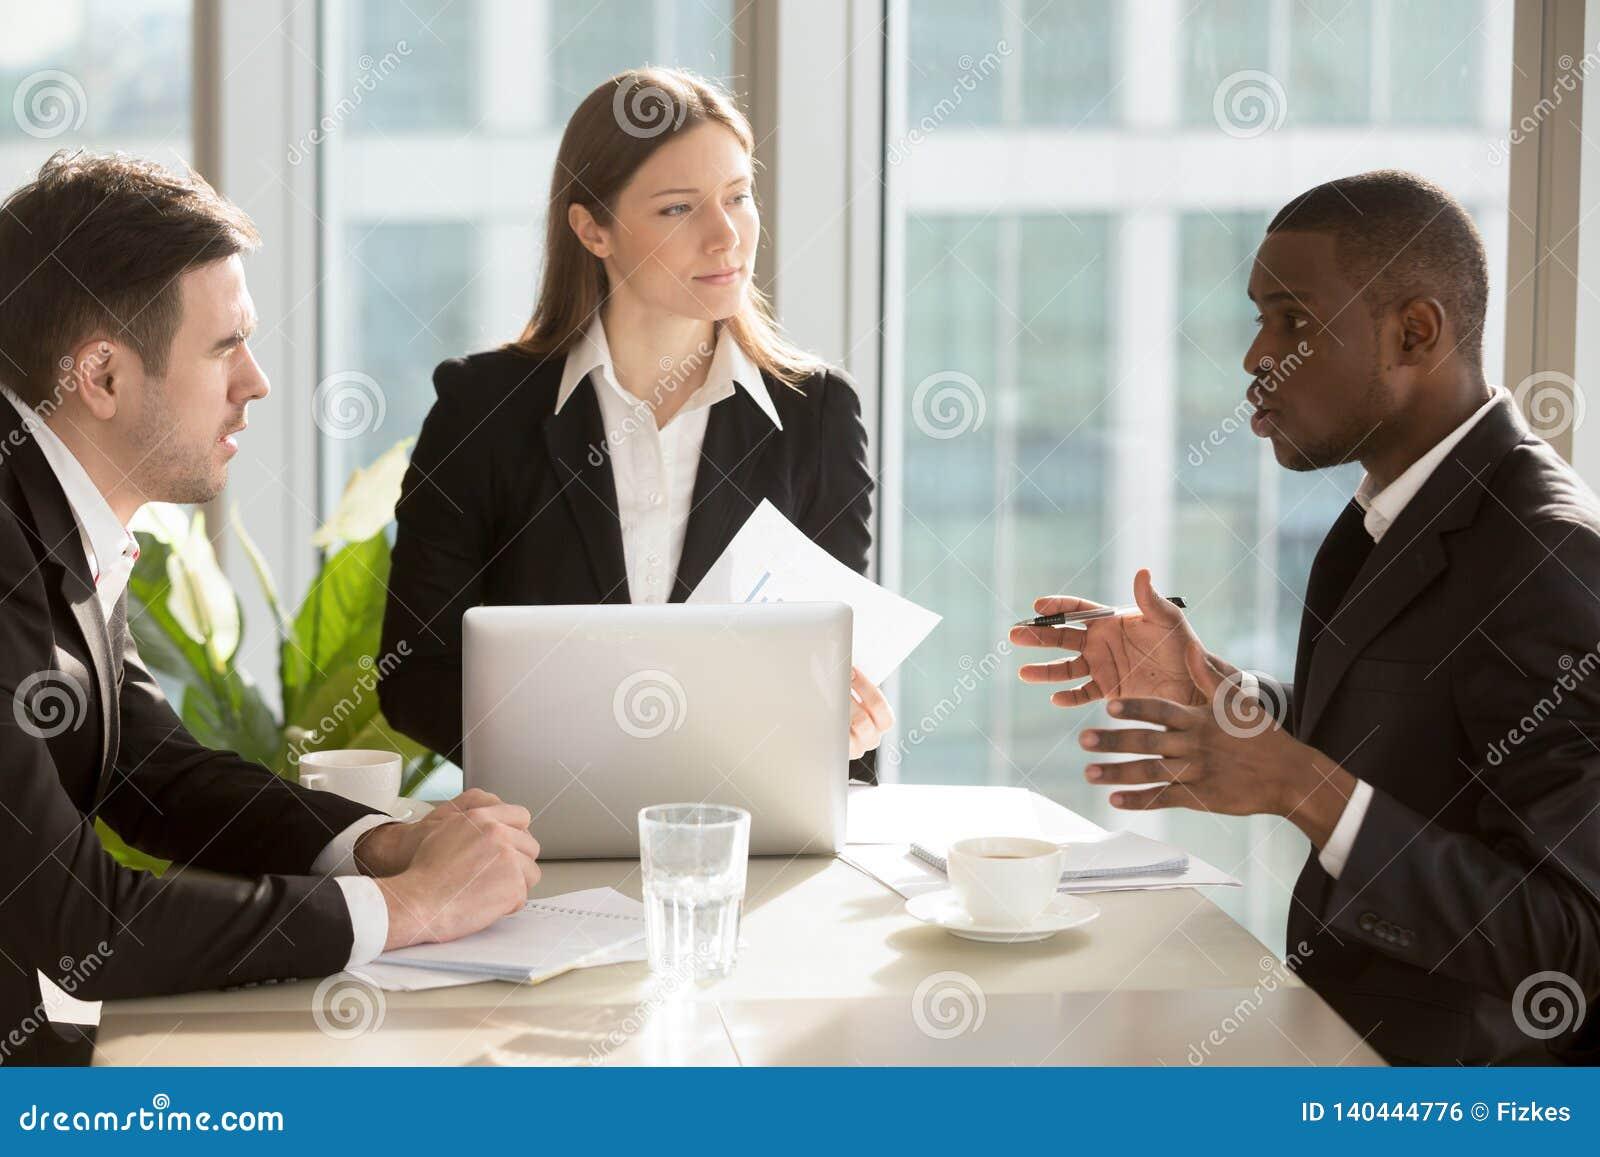 Hombres de negocios multirraciales que trabajan junto proyecto y estrategia empresarial de planificación